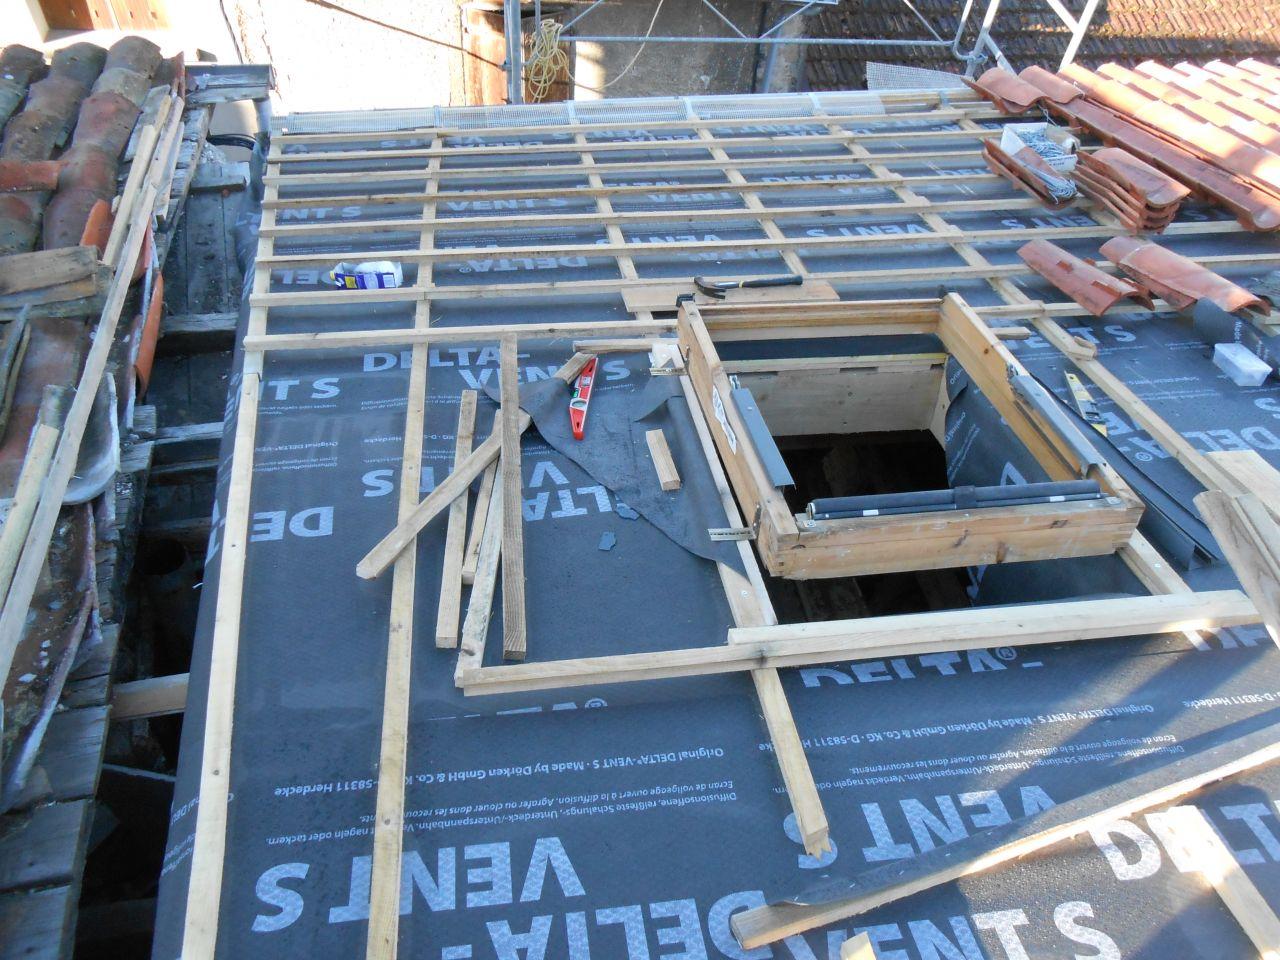 toiture qui part a gauche. Deuxieme litteu est parallel au faitage. Comment tuiler? En escalier plus zinc?